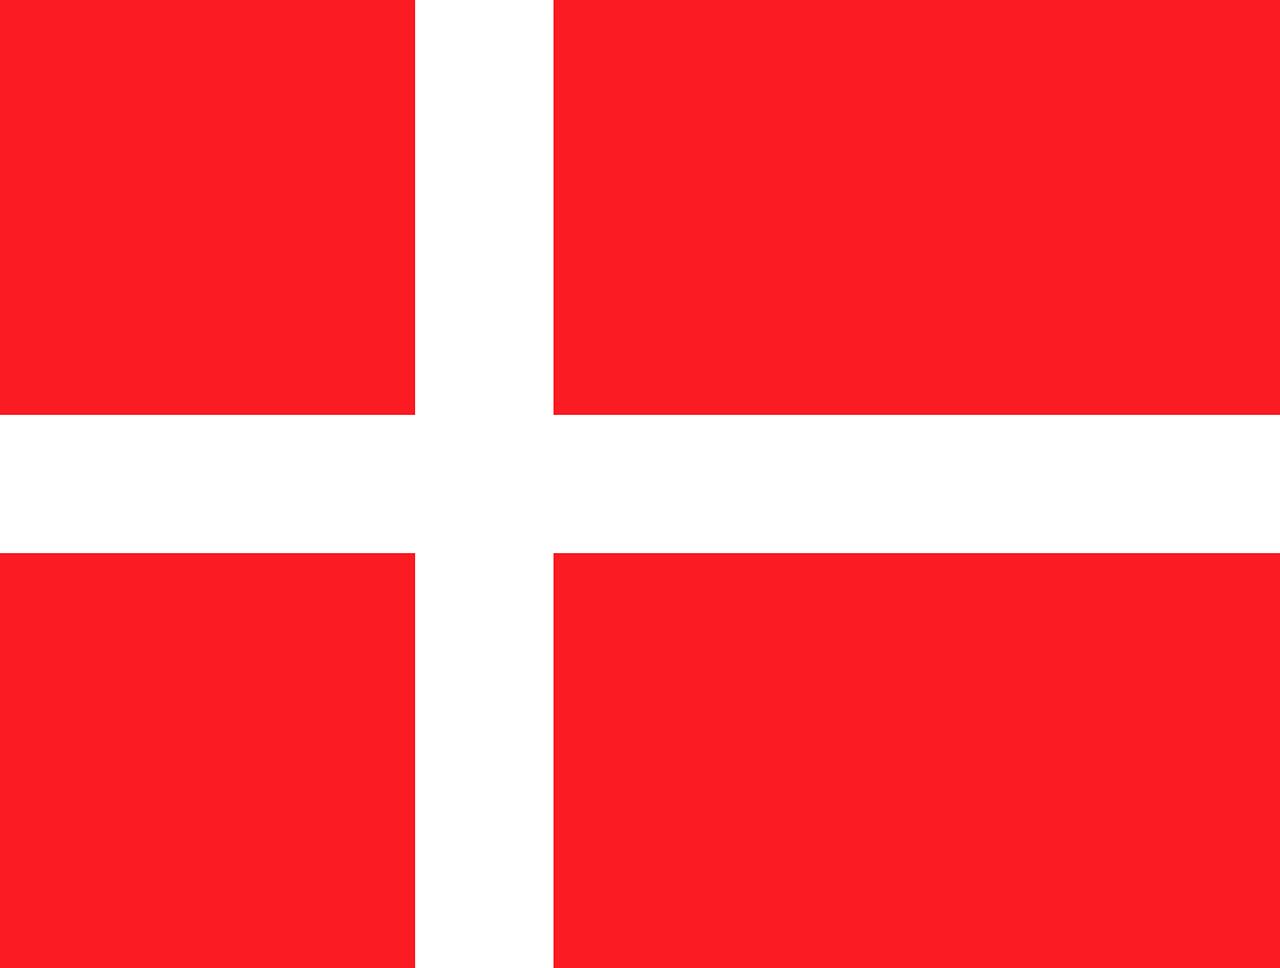 Duńscy przedsiębiorcy przenoszą firmy poza granice swojego kraju